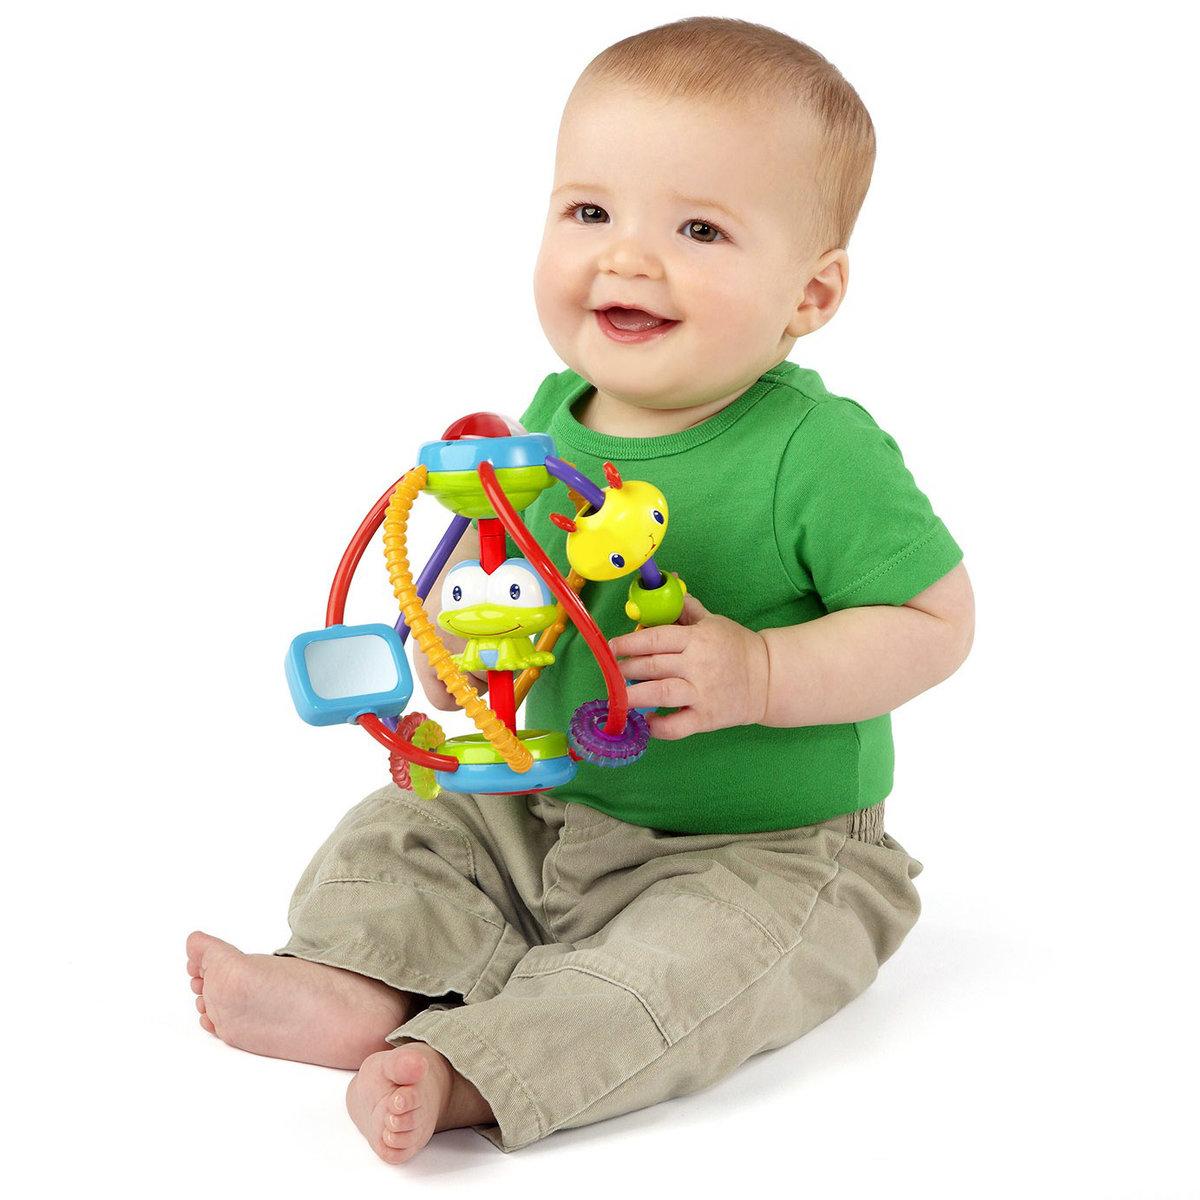 Ребёнок в 27 недель беременности фото